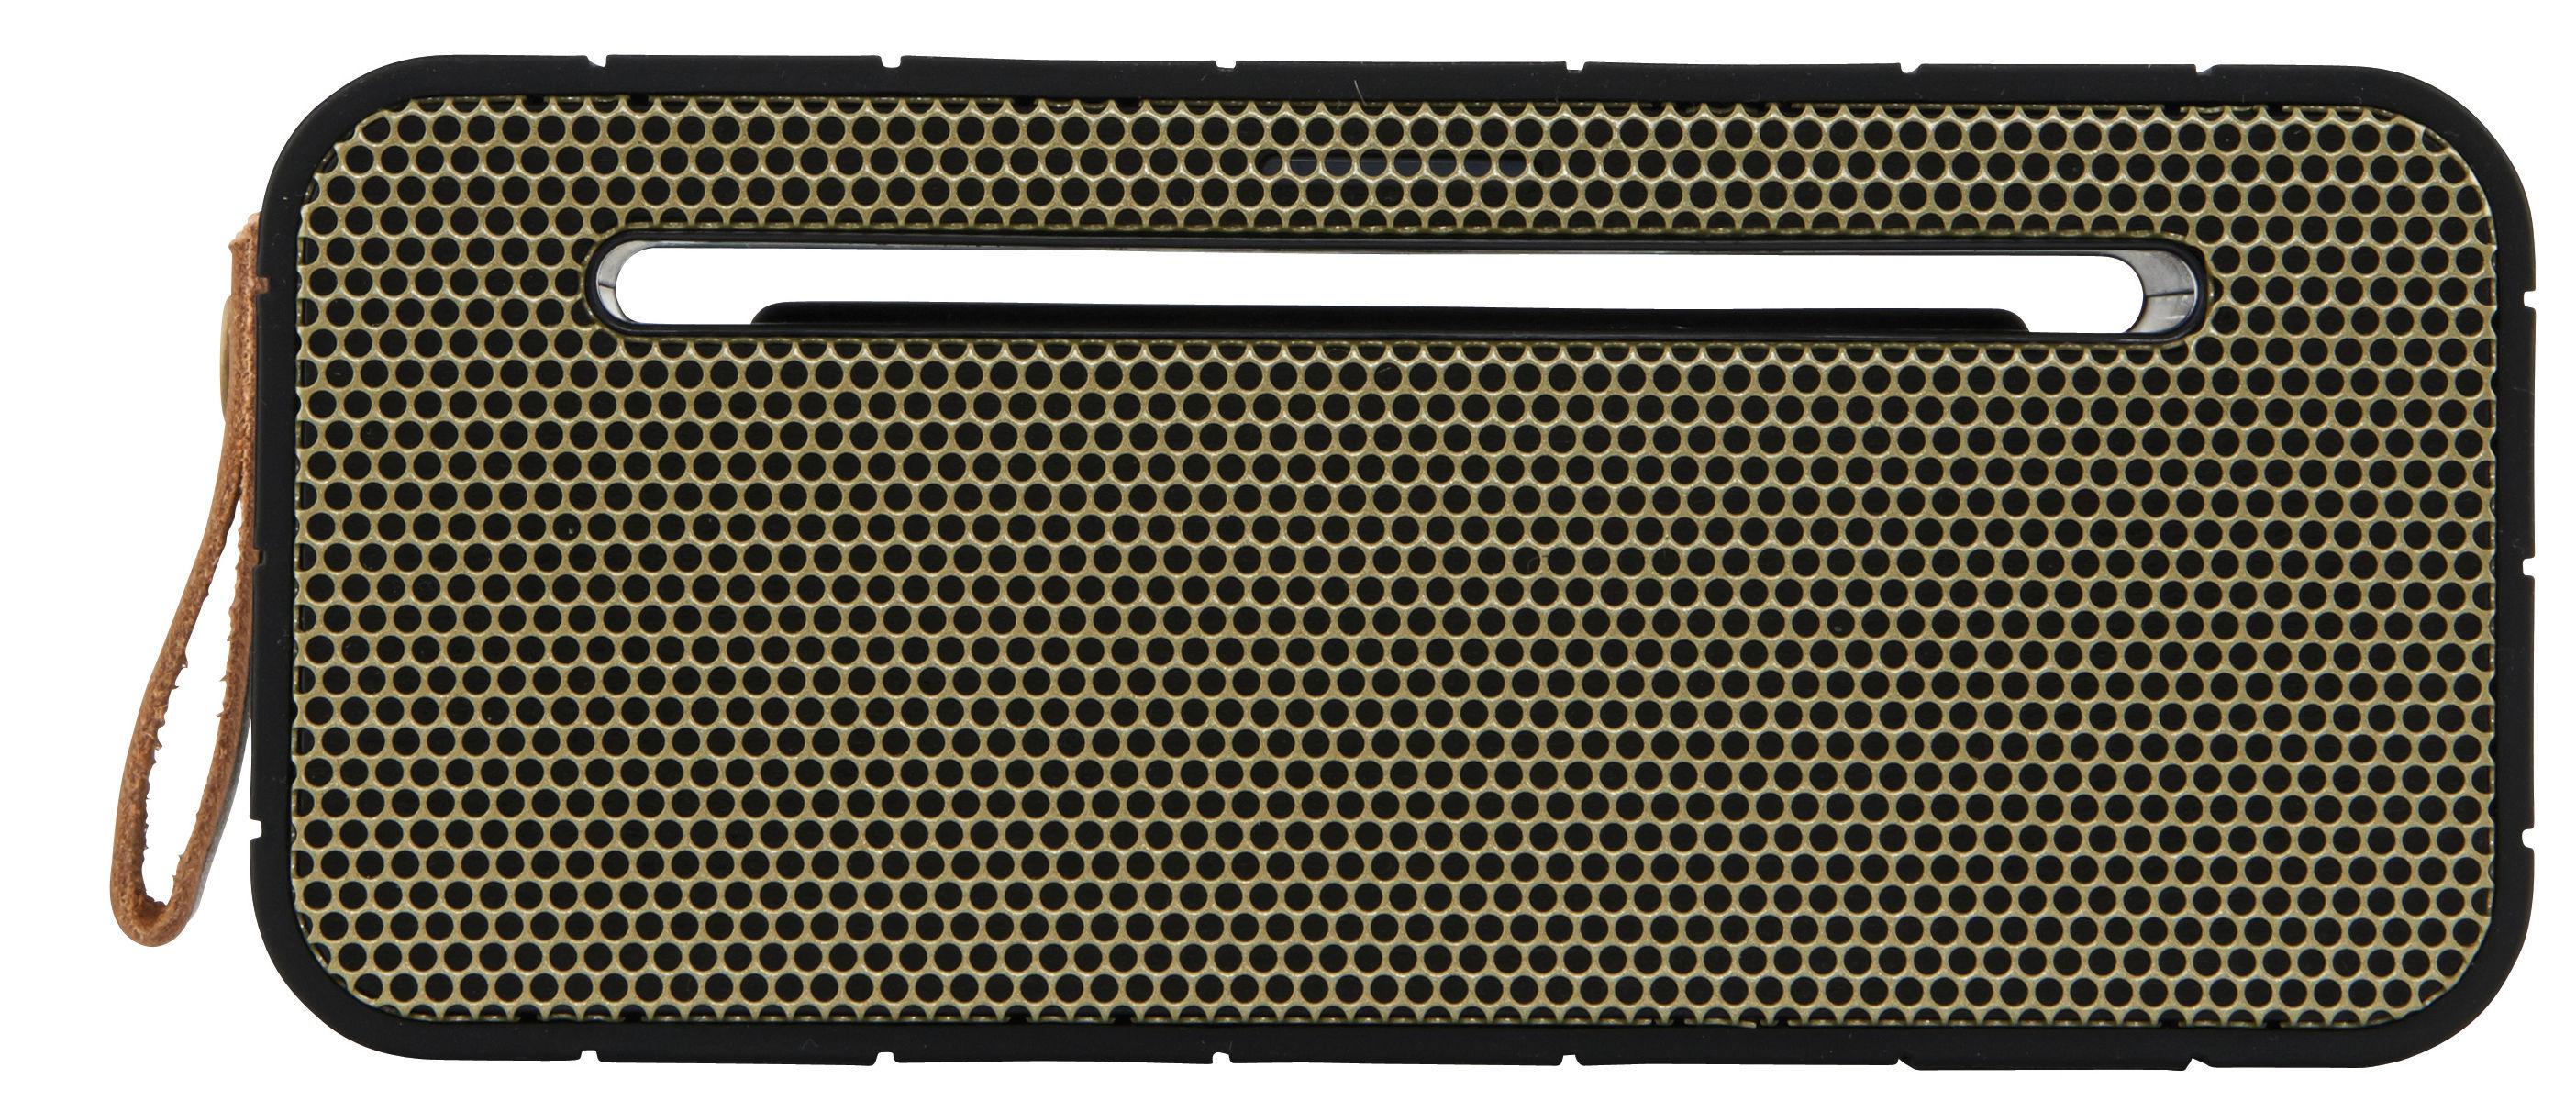 Fête des pères - Objets connectés - Enceinte Bluetooth aMOVE / Portable sans fil - Kreafunk - Noir & Or - Cuir, Matière plastique, Métal